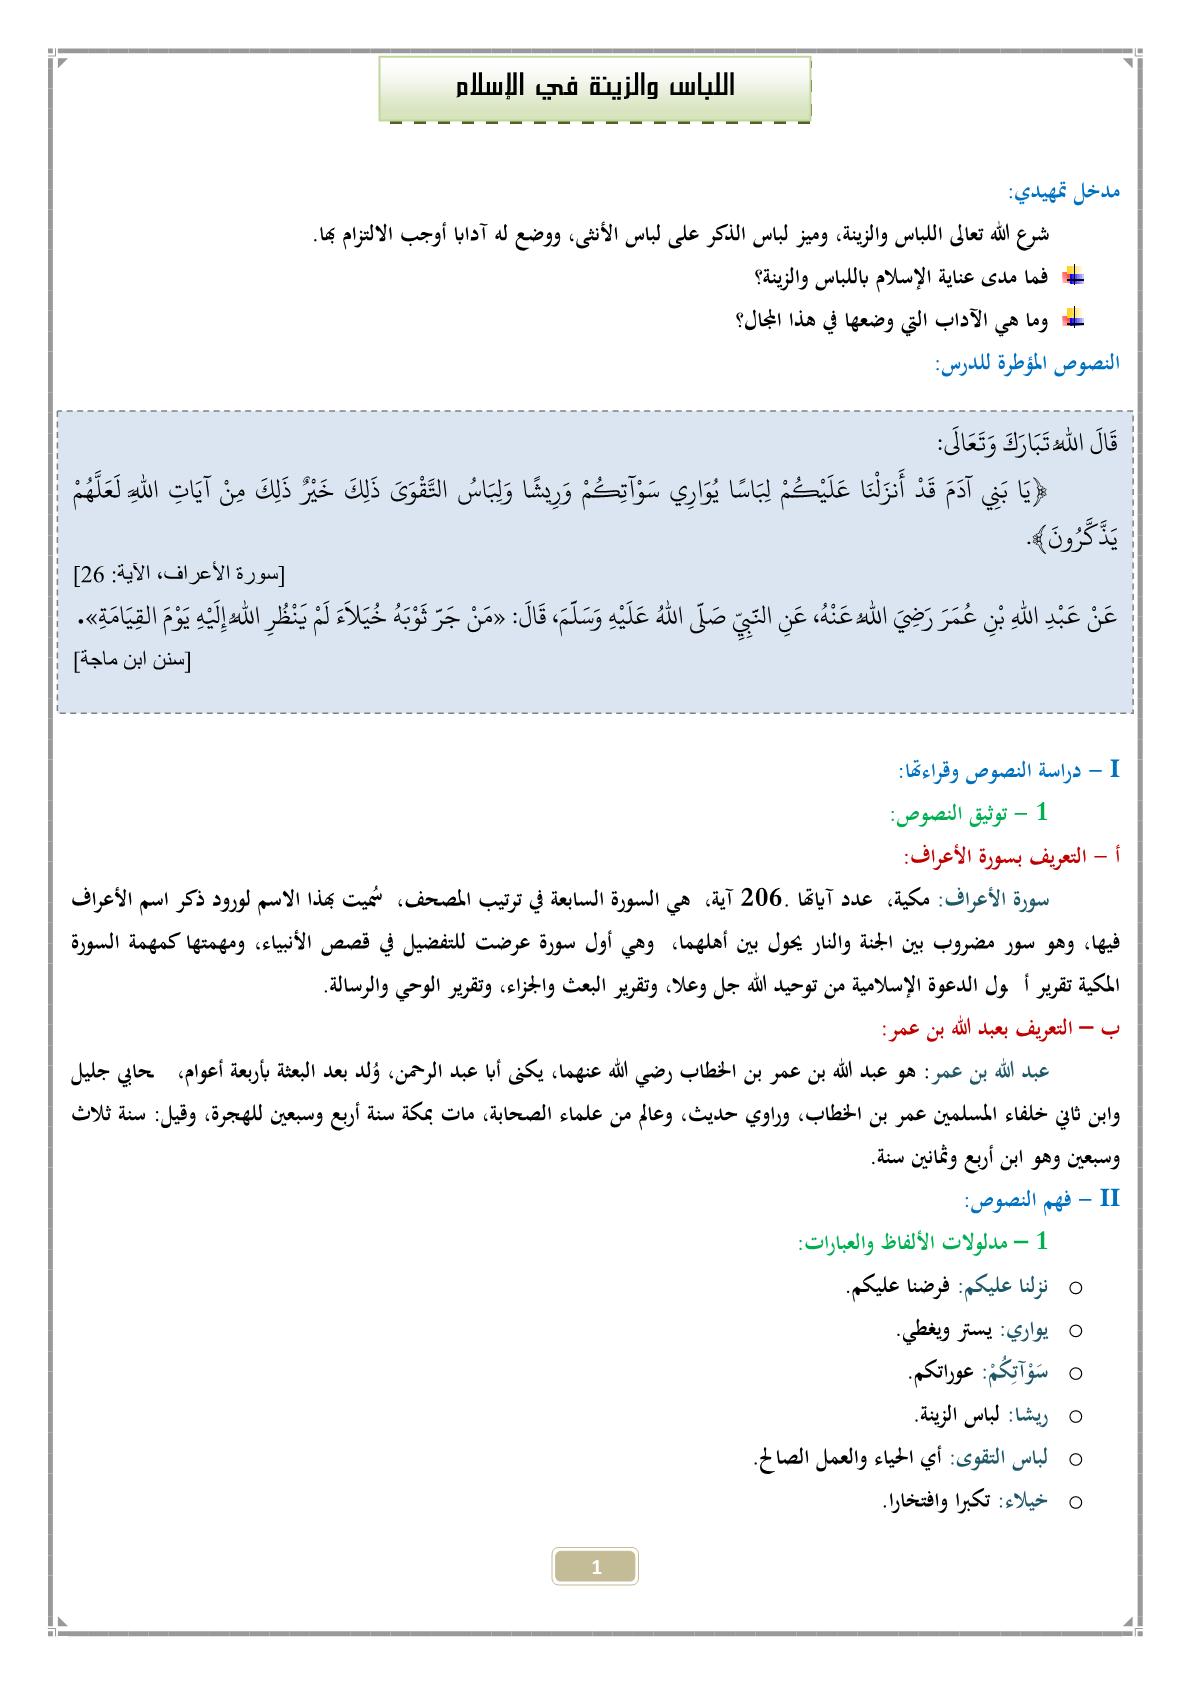 درس اللباس والزينة في الإسلام للسنة الثانية إعدادي